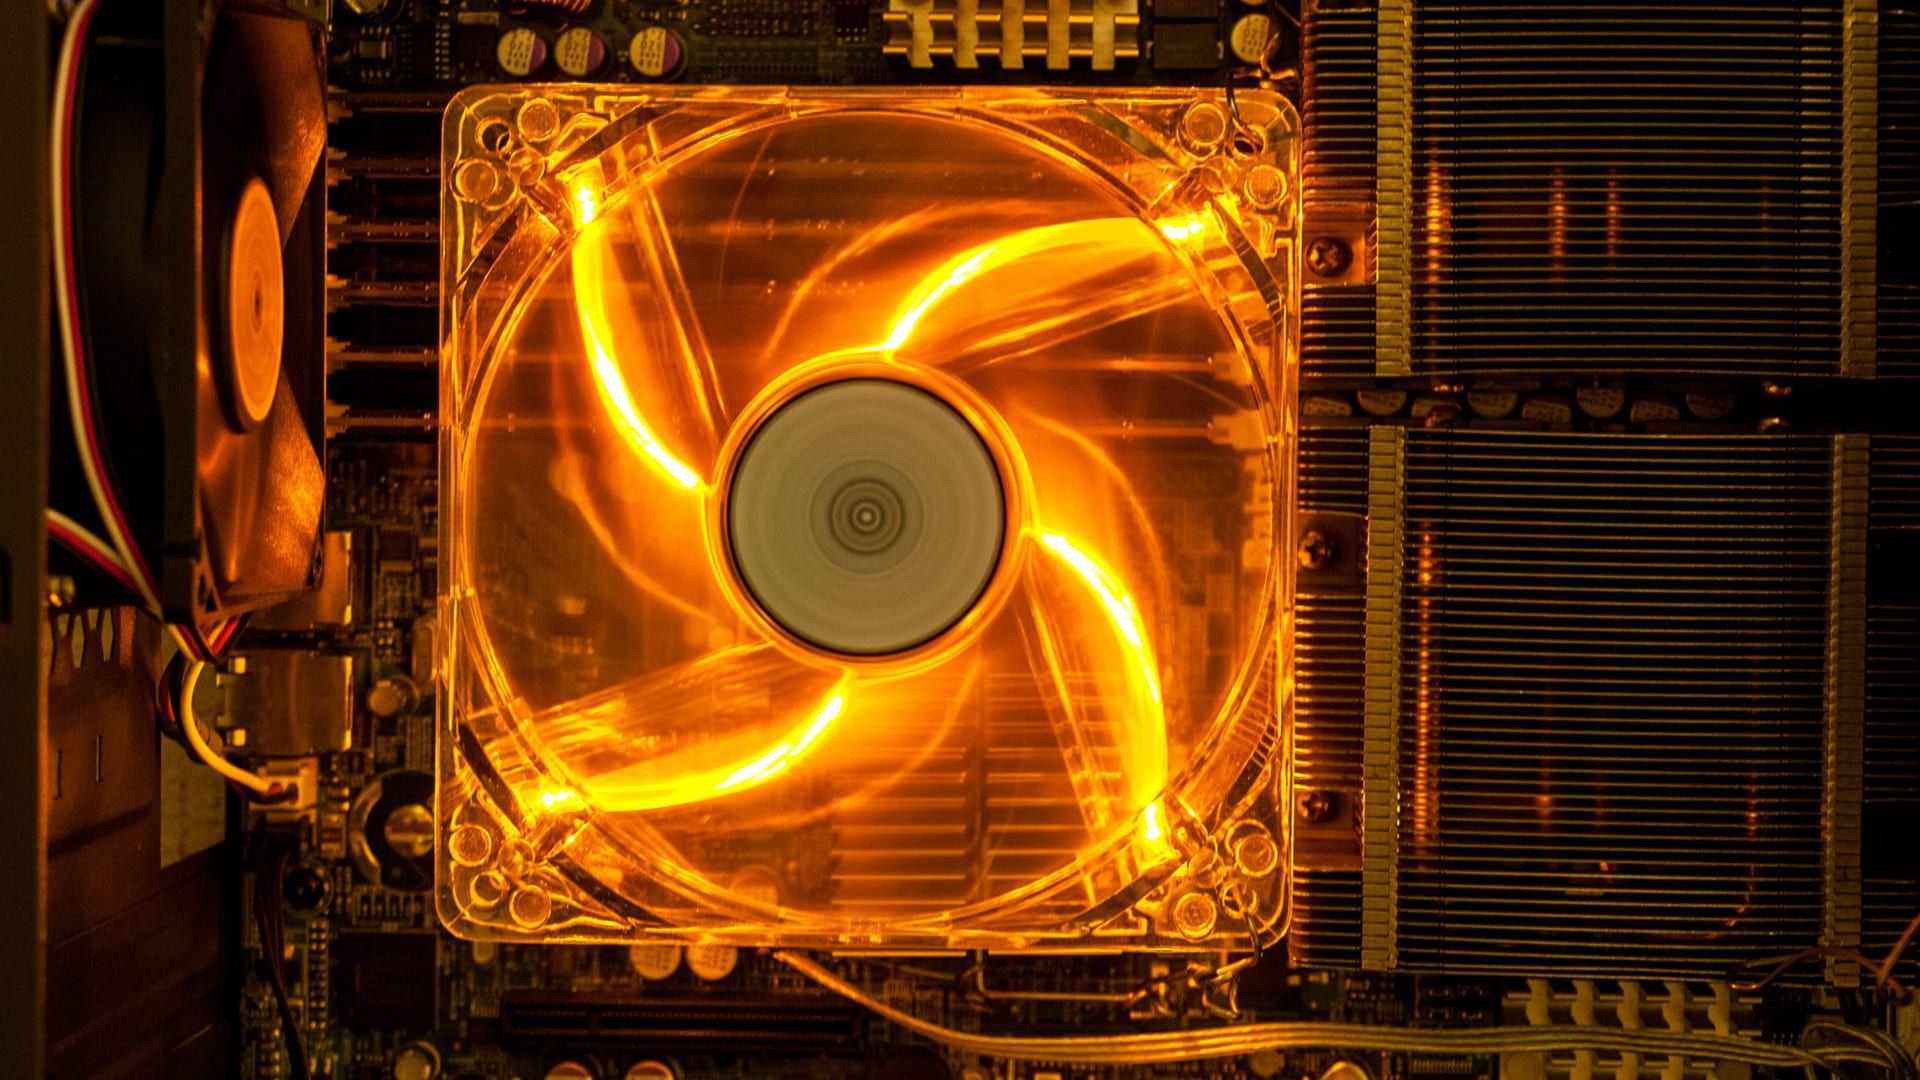 Os fans são utilizados para controlar a temperatura do PC (Foto: Reprodução/Shutterstock)